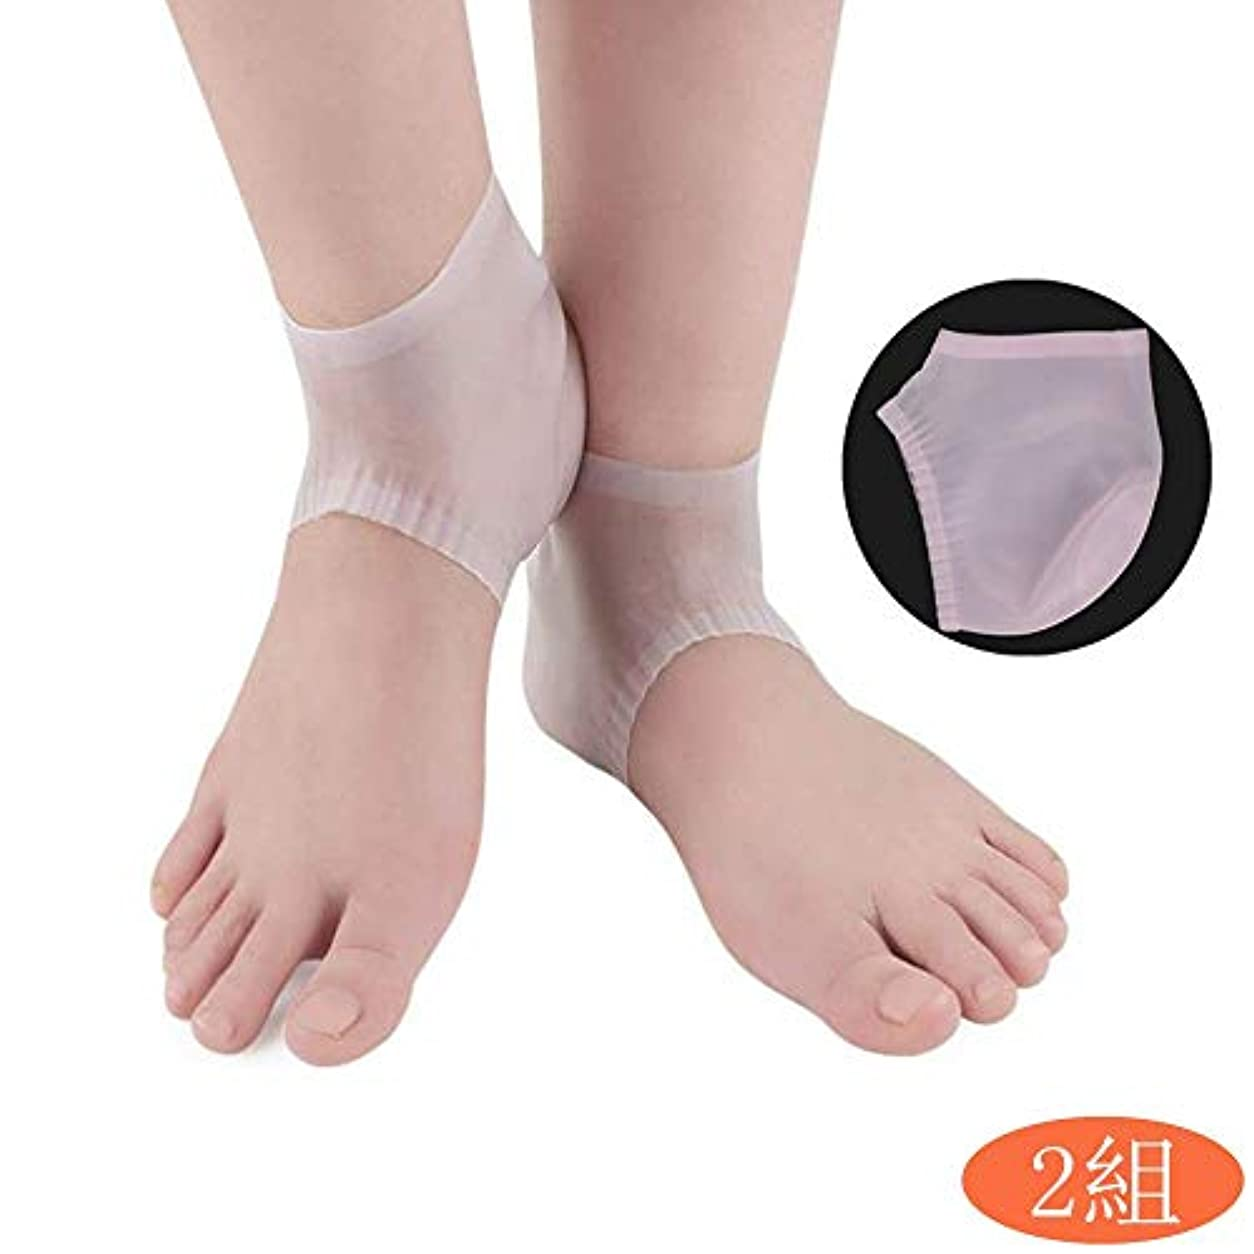 枝雪情熱かかと保護カバー 靴ずれ防止 足底筋膜炎 踵 かかとサポーター 足裏サポート 足裂防止 ひび割れ防止 痛みを緩和 衝撃吸収 美足 足クッション 男女兼用(2組)